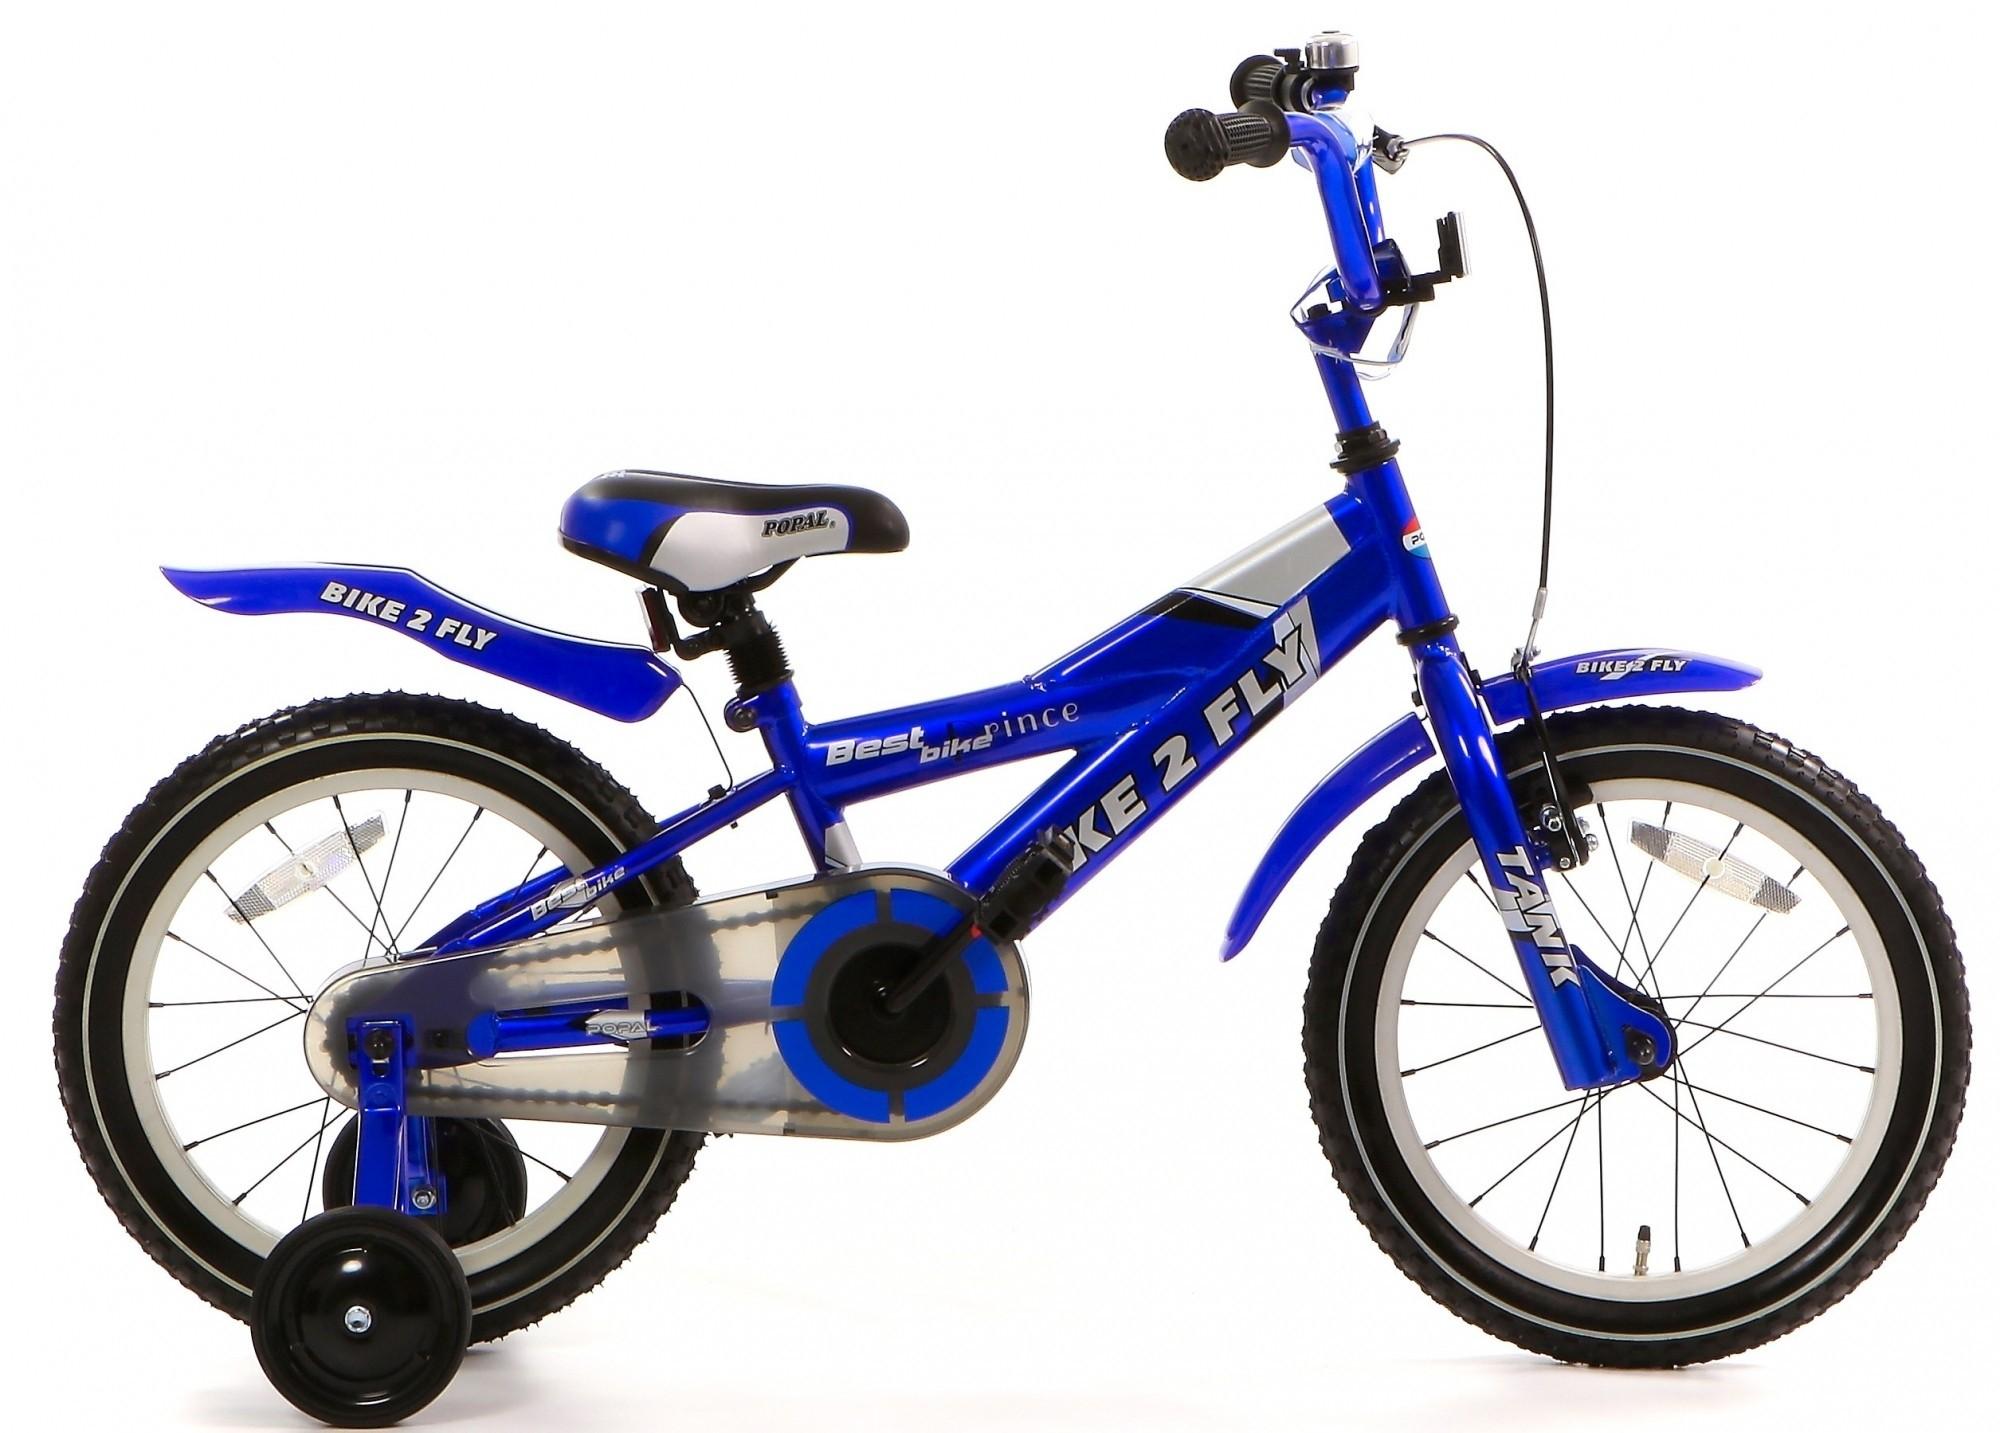 Popal Bike 2 Fly 16 inch (diverse kleuren)